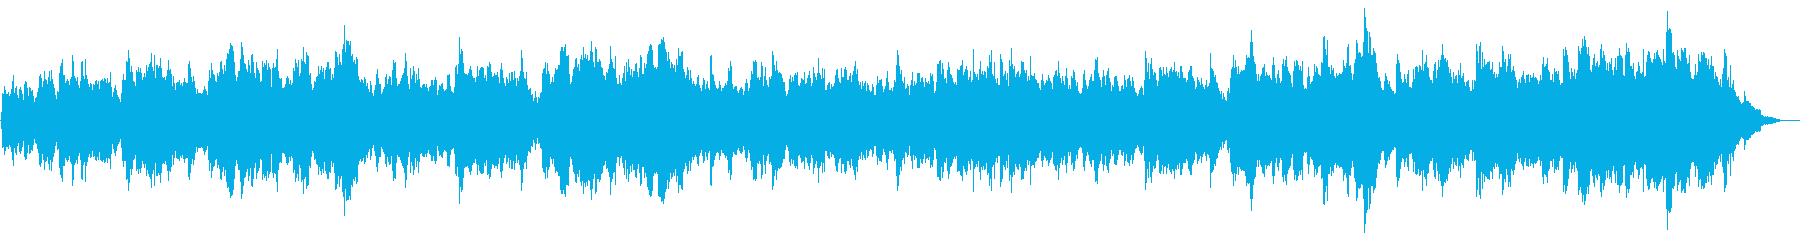 ピアノとフルート主体の切ないBGMの再生済みの波形